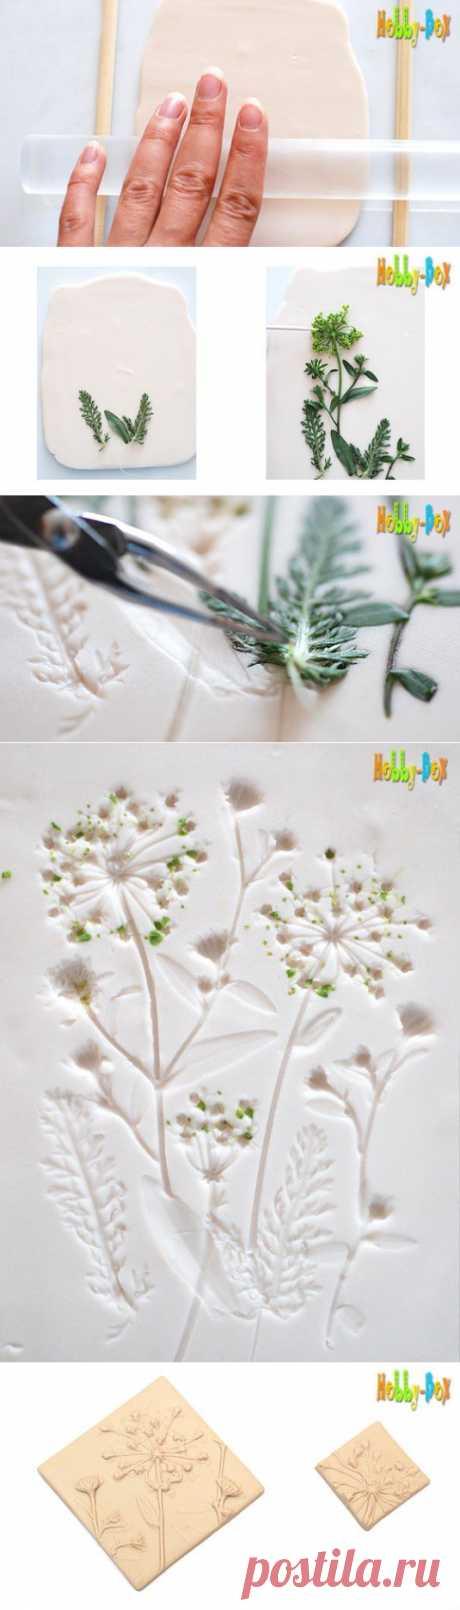 (+1) - Текстурный лист с растительными мотивами | СДЕЛАЙ САМ!